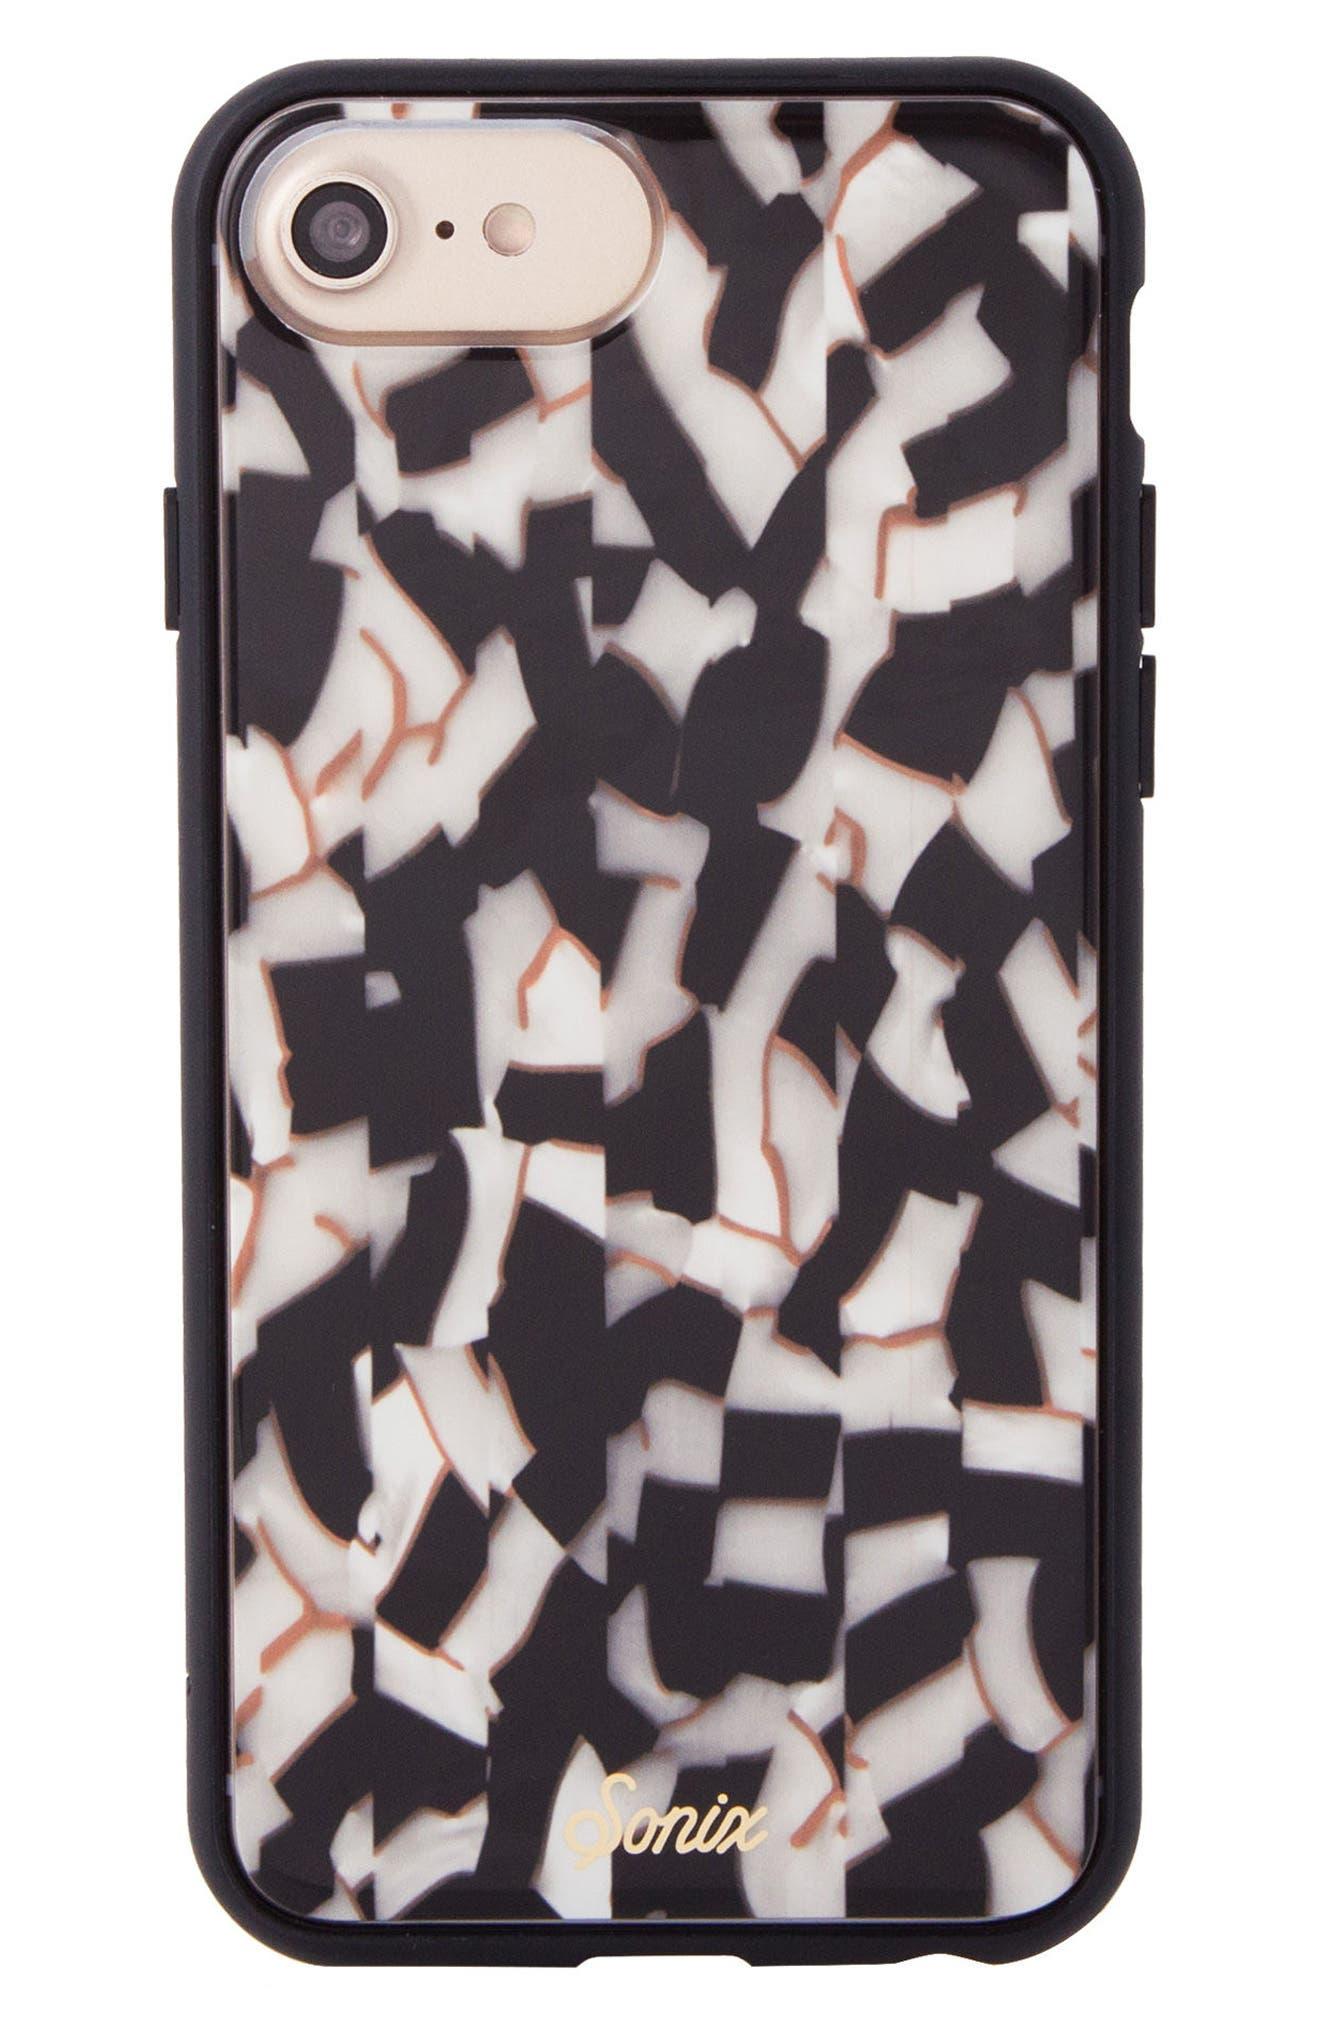 Sonix Pearlescent Black iPhone 6/6s/7/8 & 6/6s/7/8 Plus Case